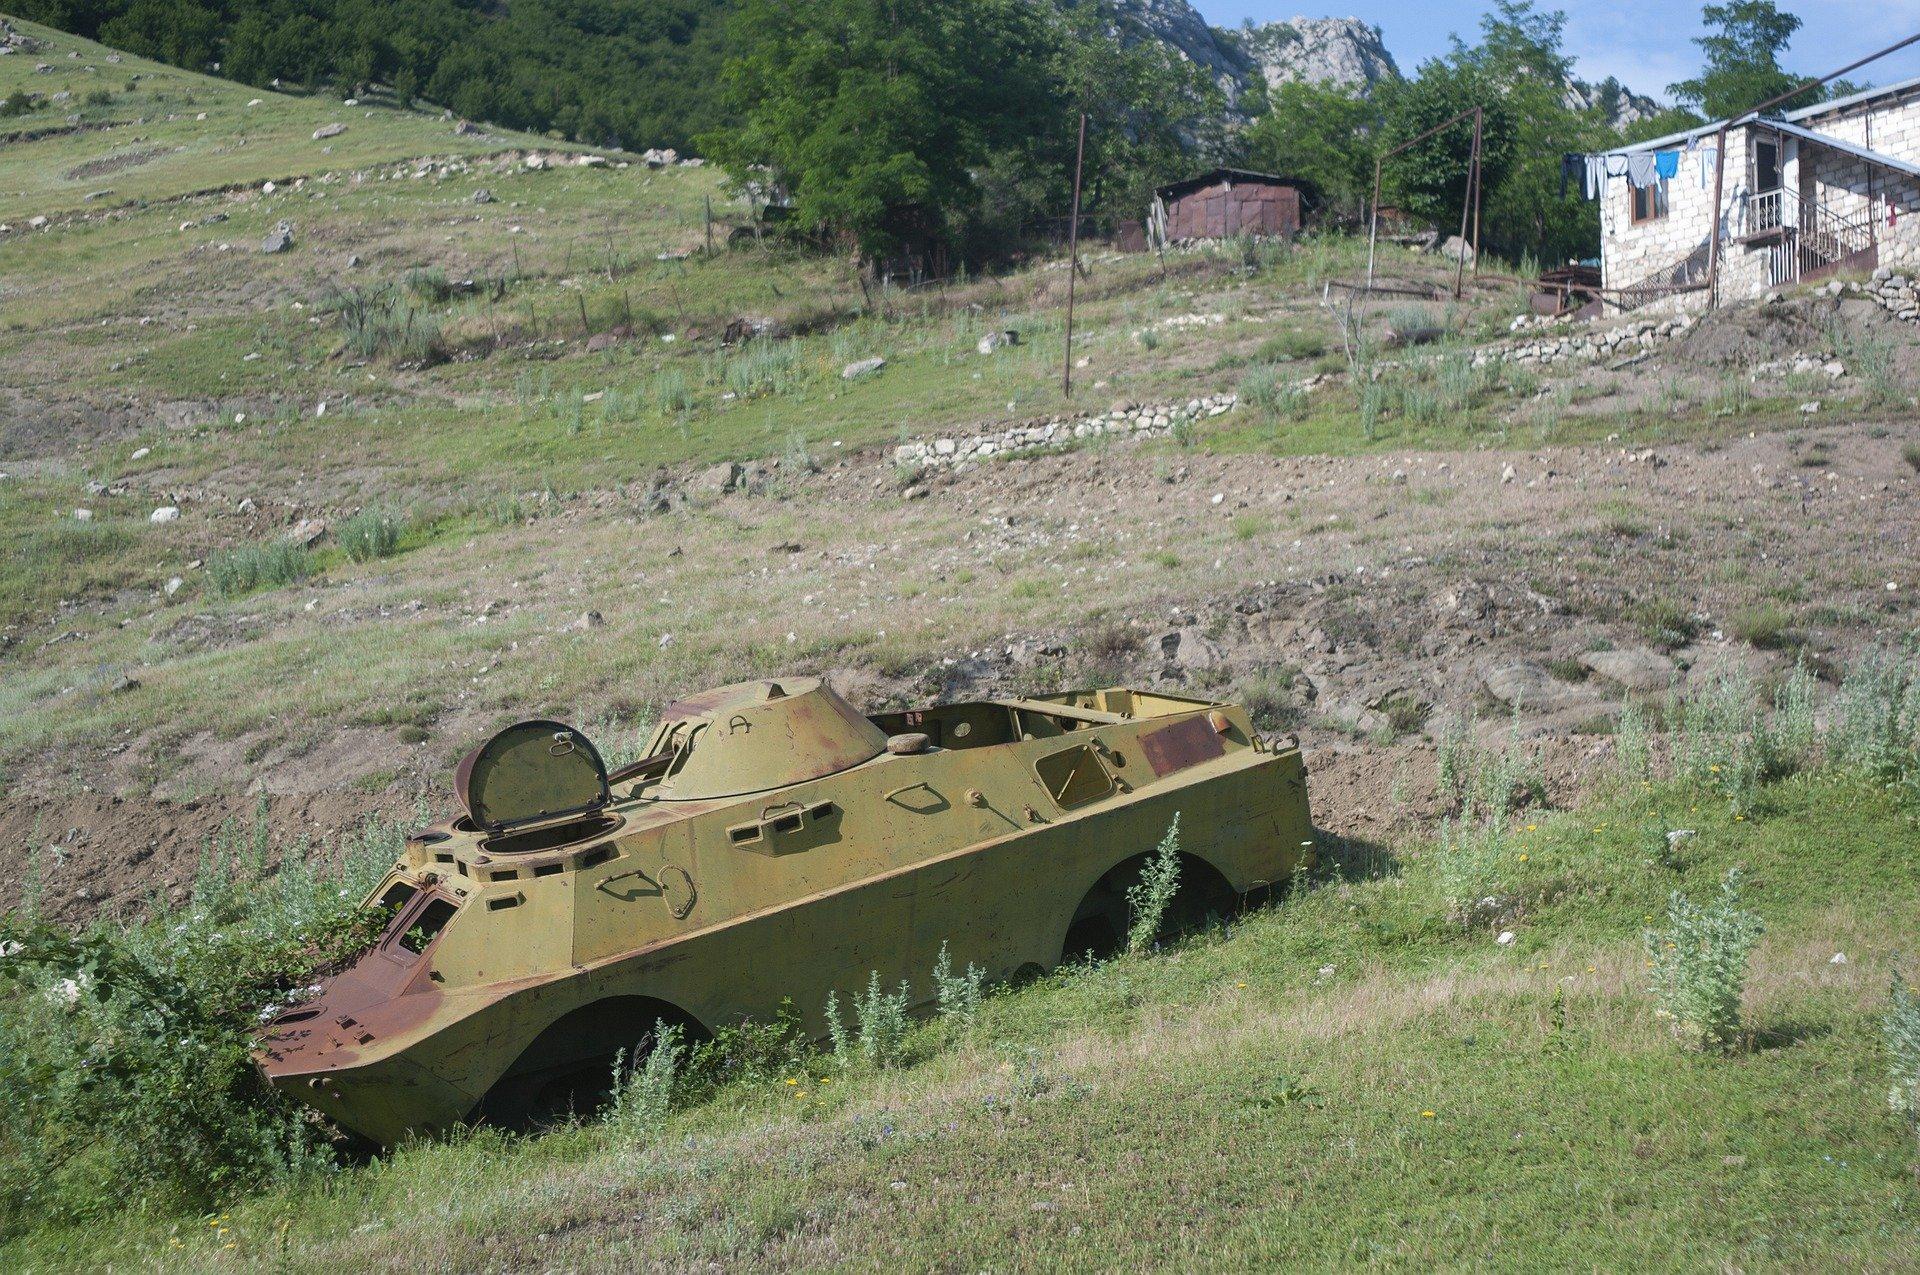 Der Krieg um Bergkarabach wird mit größter Härte geführt.